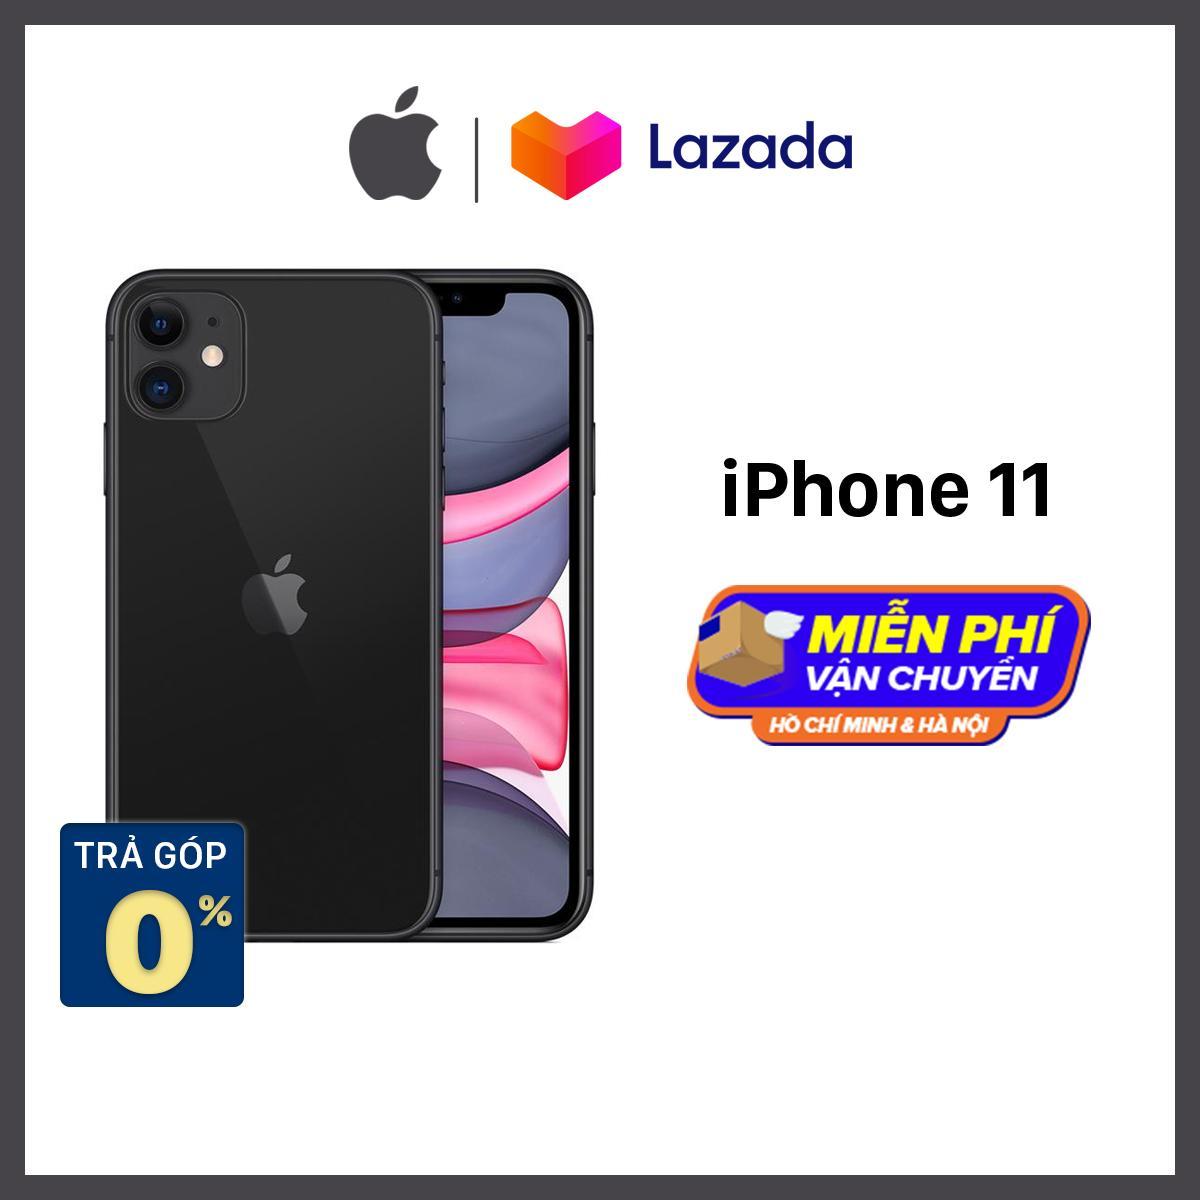 Điện thoại Apple iPhone 11 - Hàng Chính Hãng VN/A - Mới 100% (Chưa Kích Hoạt) - Trả Góp 0%...